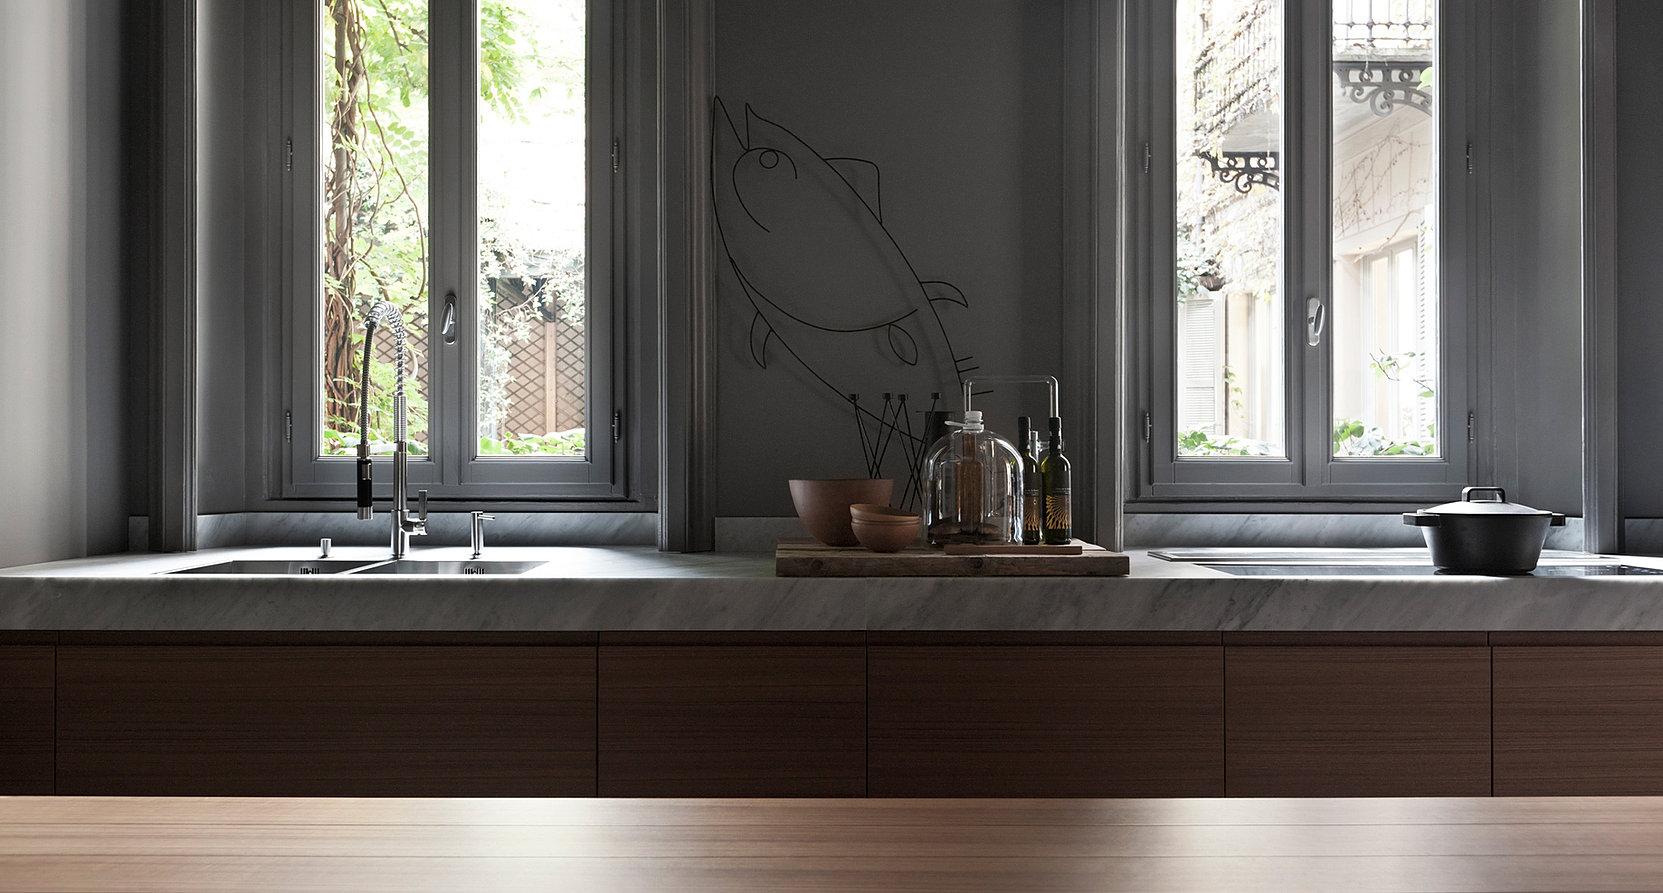 Arclinea hengelo, italiaanse design keukens hengelo. keukens hengelo